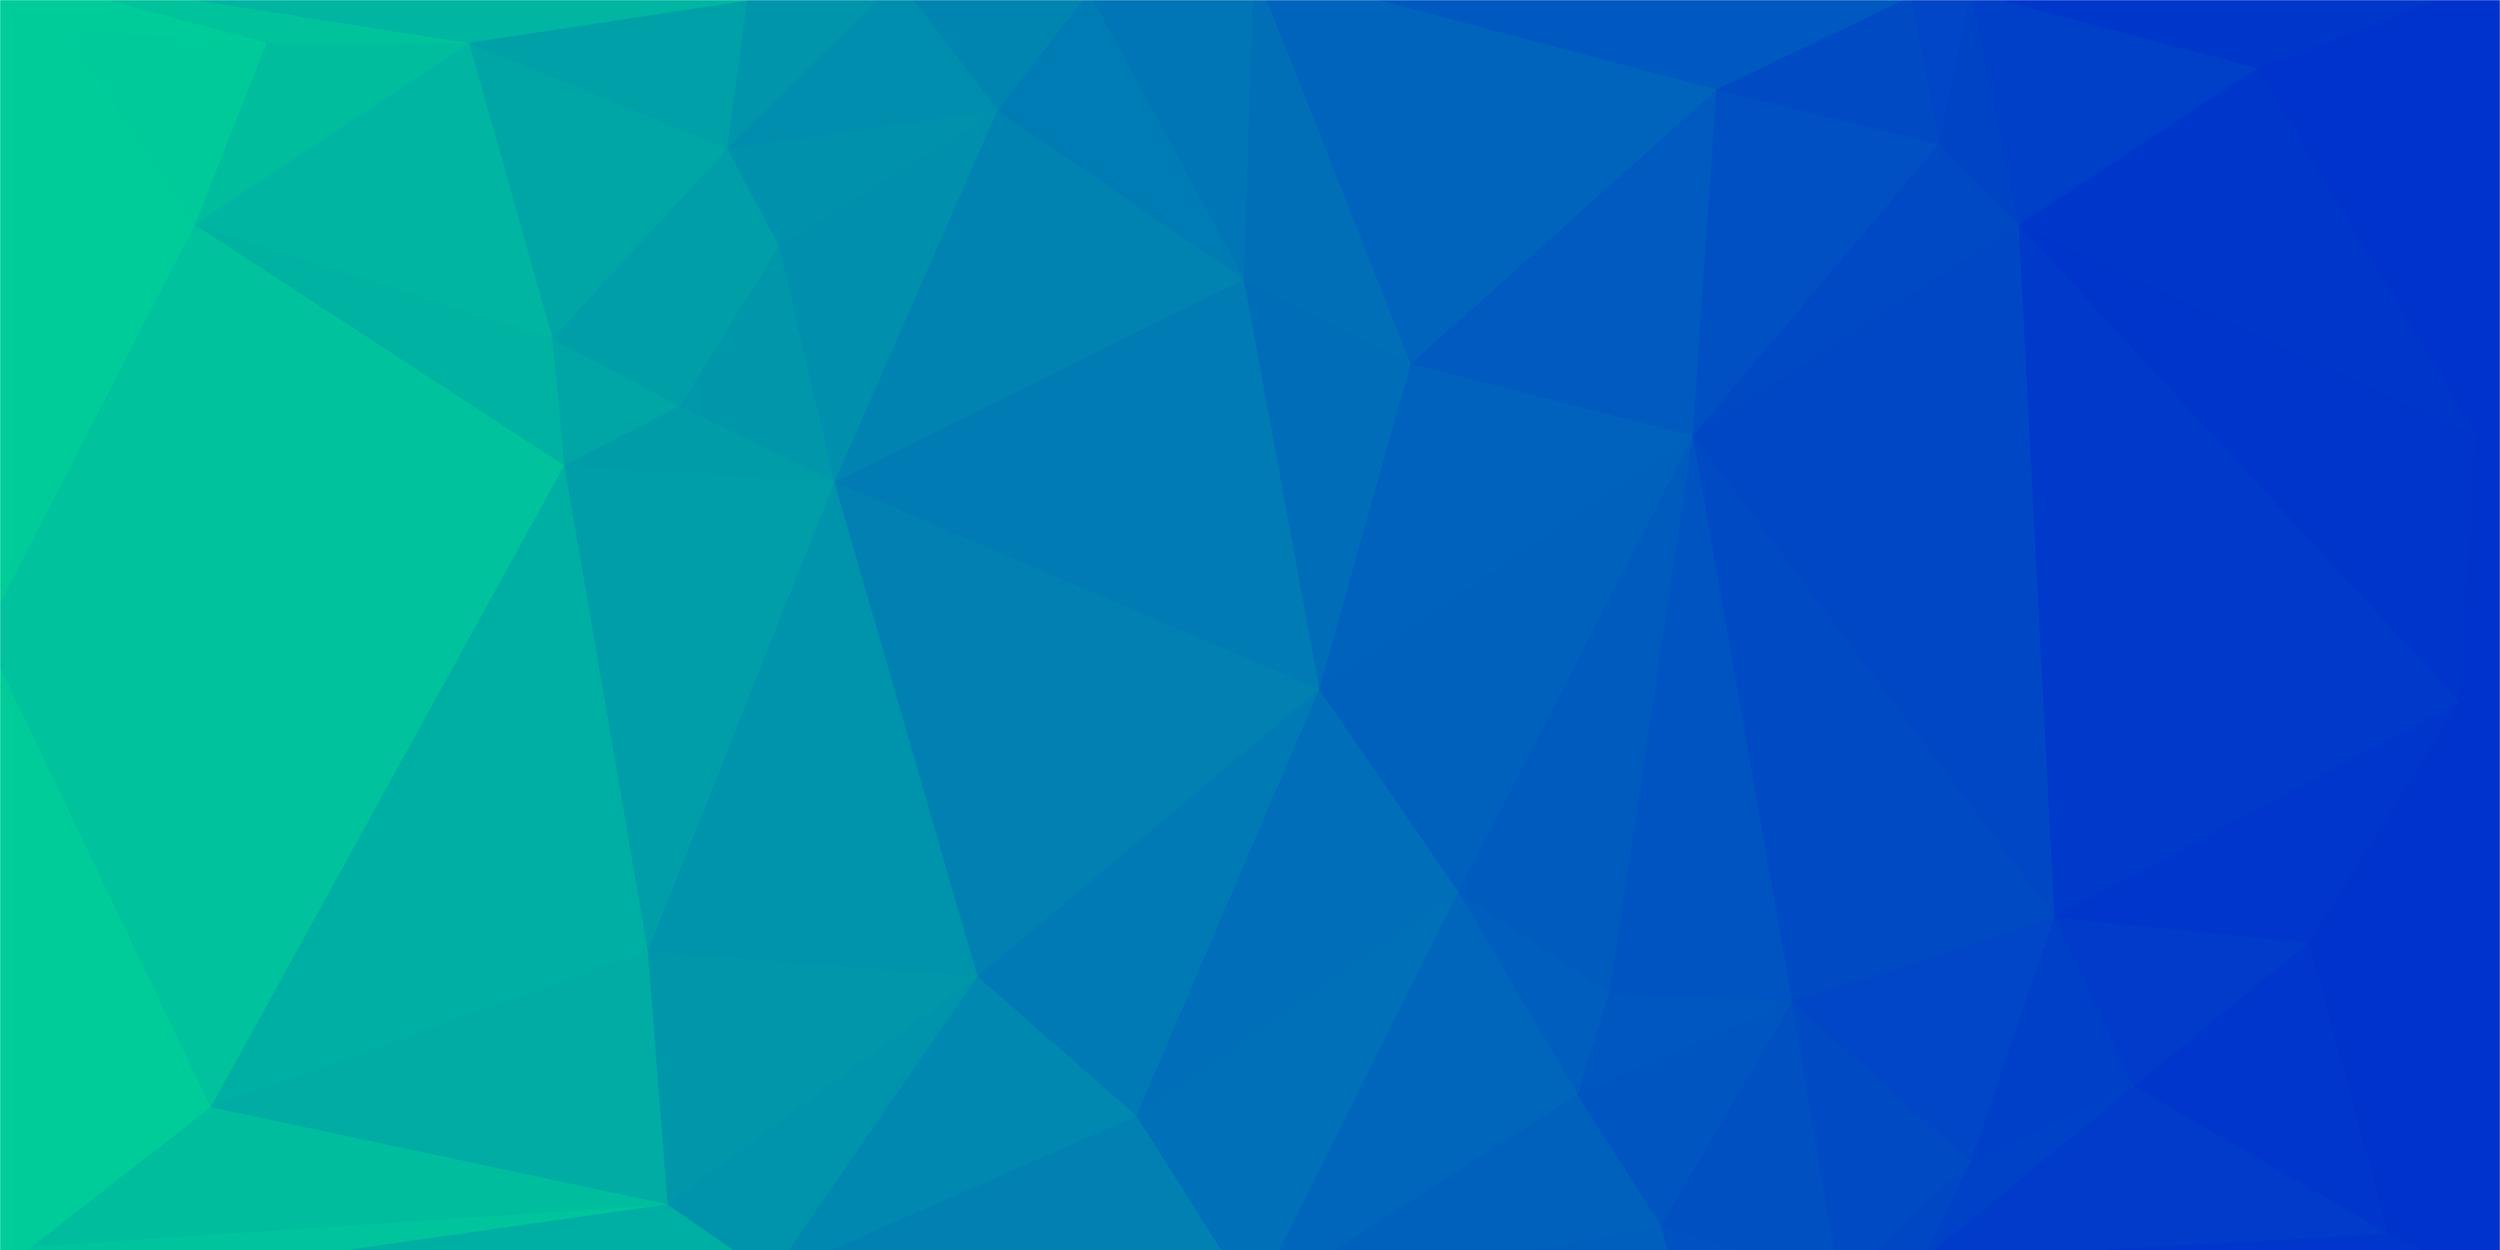 Medium_Header_MeshHiRes-01.png